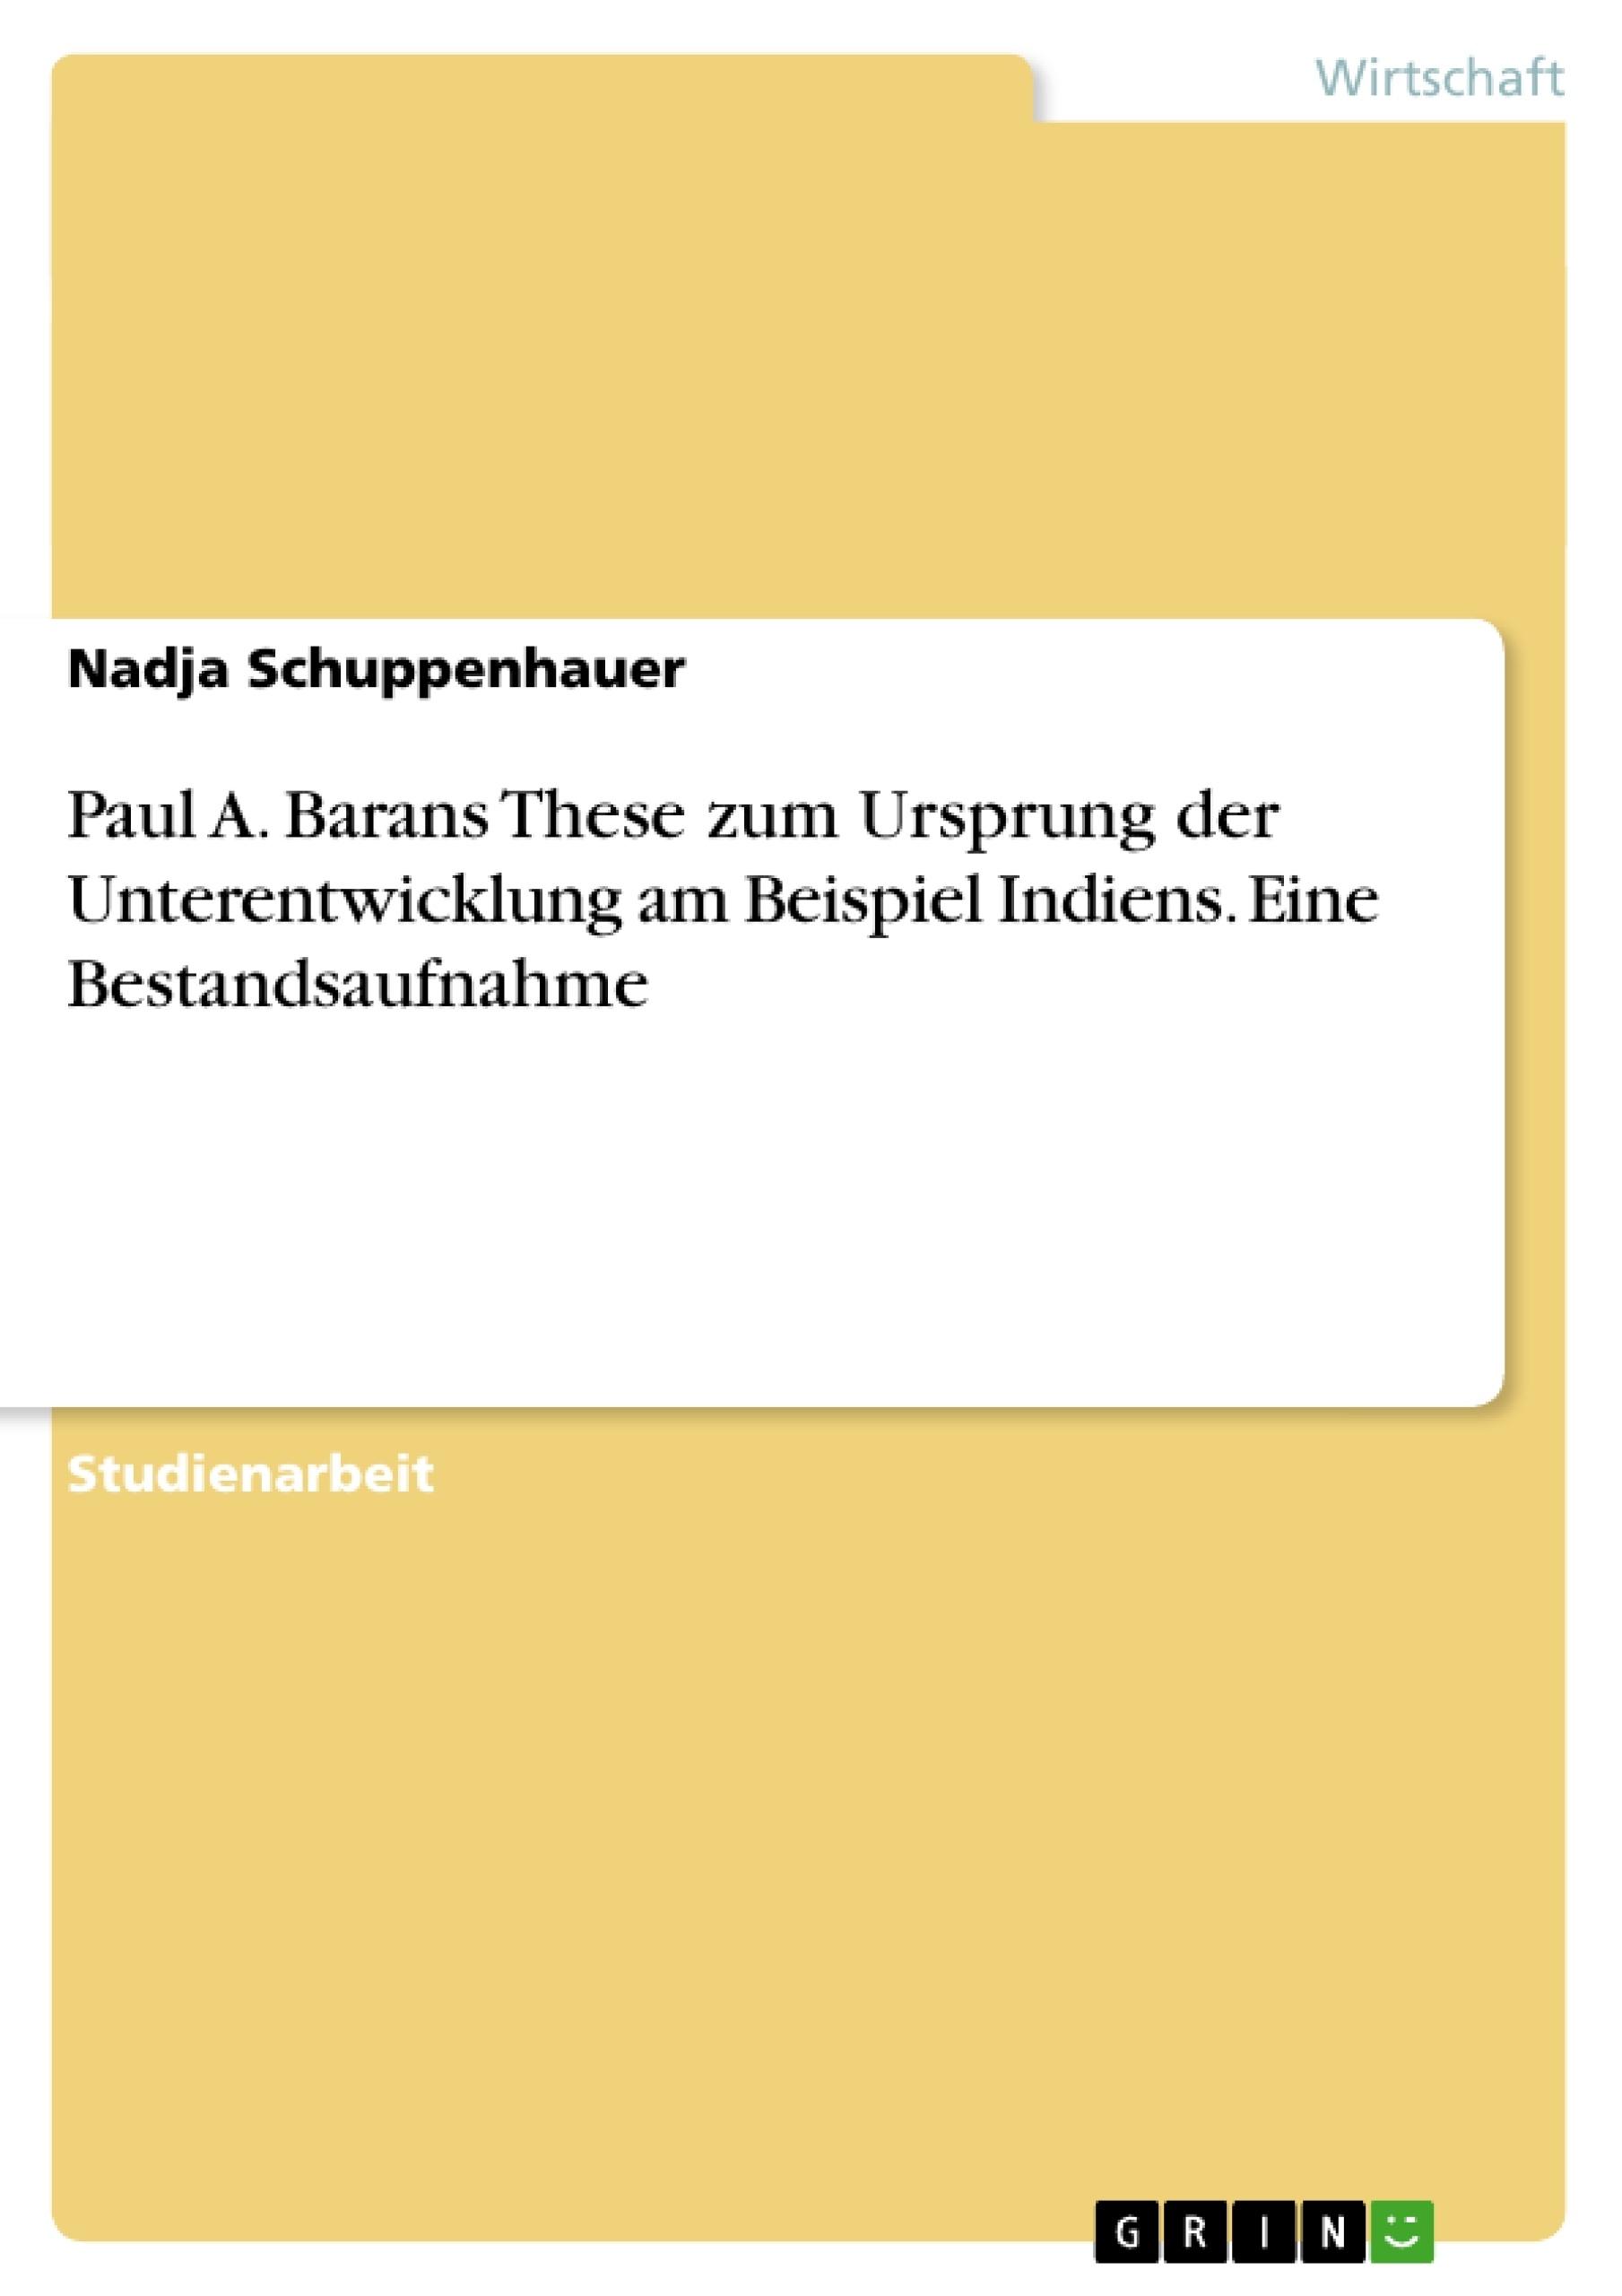 Titel: Paul A. Barans These zum Ursprung der Unterentwicklung am Beispiel Indiens. Eine Bestandsaufnahme